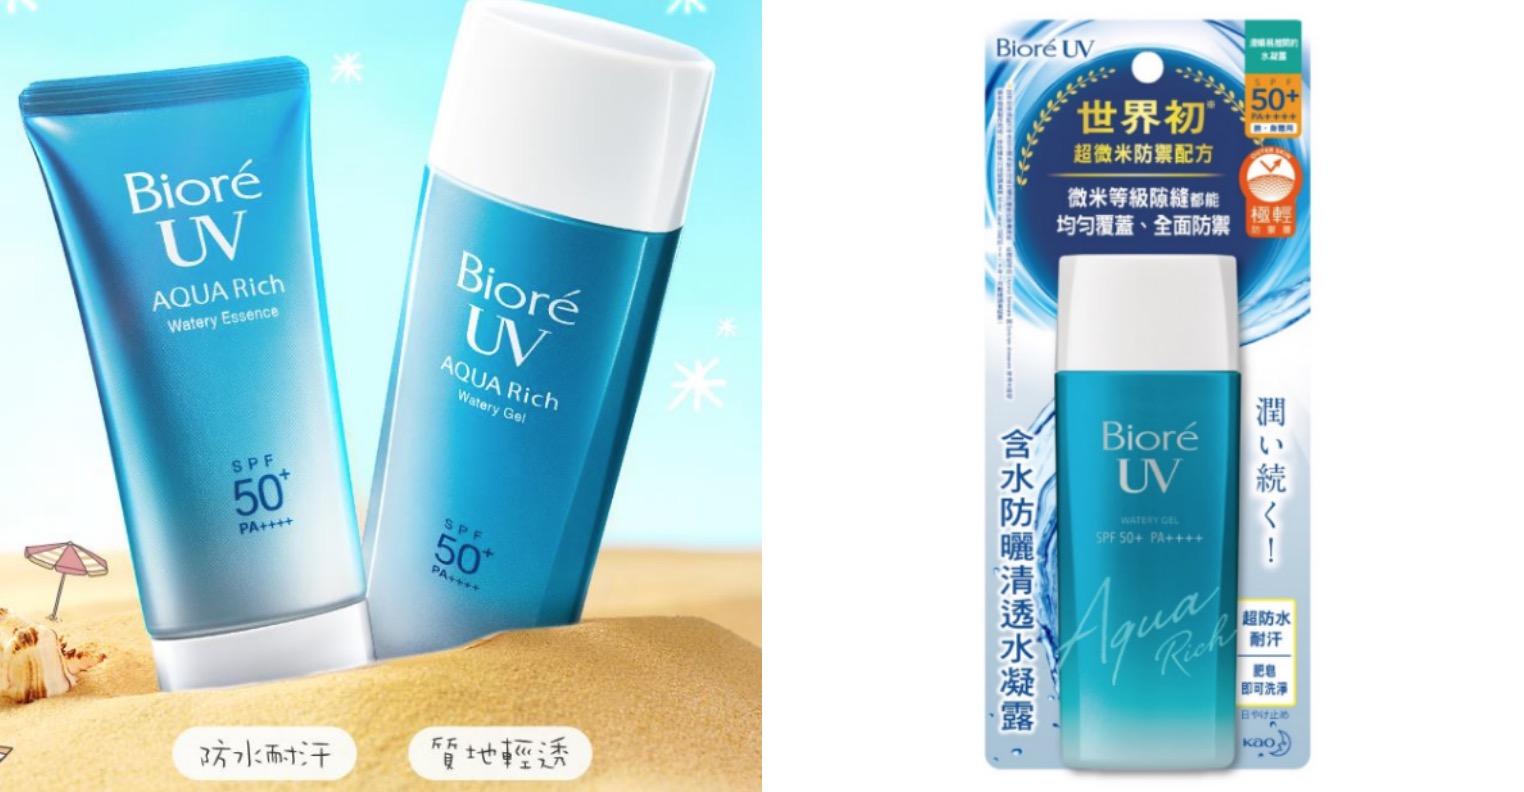 以水為基底配方的最高防曬係數產品,同時有SPF50+與UV-A 最高防禦等級PA++++的極致防護有效防止肌膚曬黑、曬傷、皺紋與肌膚老化。有如水般清透凝露在塗抹瞬間釋放大量水分子,讓人幾乎忘了擦過防曬。